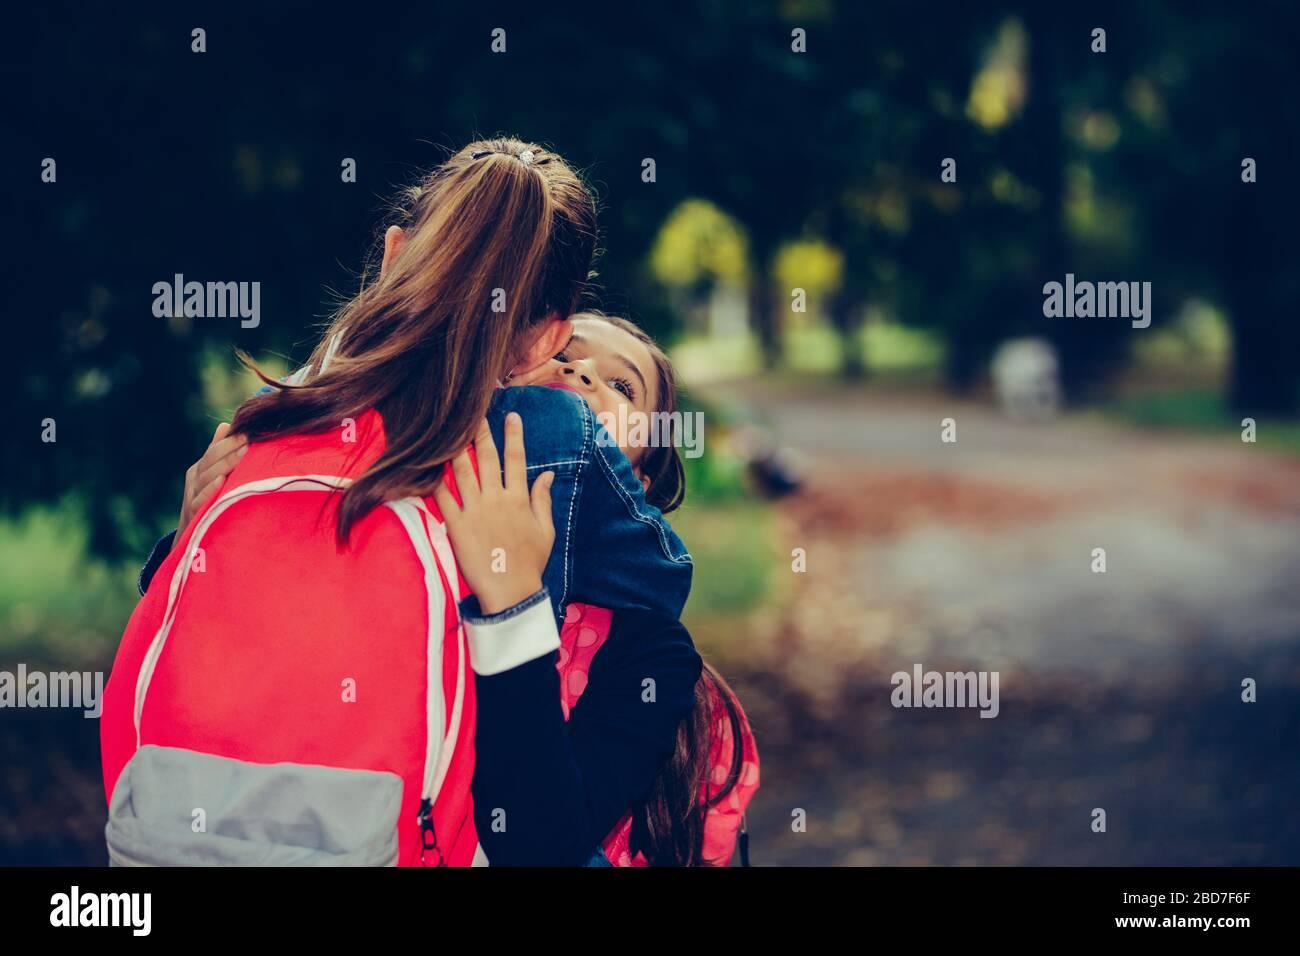 Deux amis de l'école embrassant, rencontrer dans le parc. Marcher les uns dans les autres avec des bras ouverts et sourire. Le concept de l'école, de l'étude, de l'éducation, de l'amitié, Banque D'Images